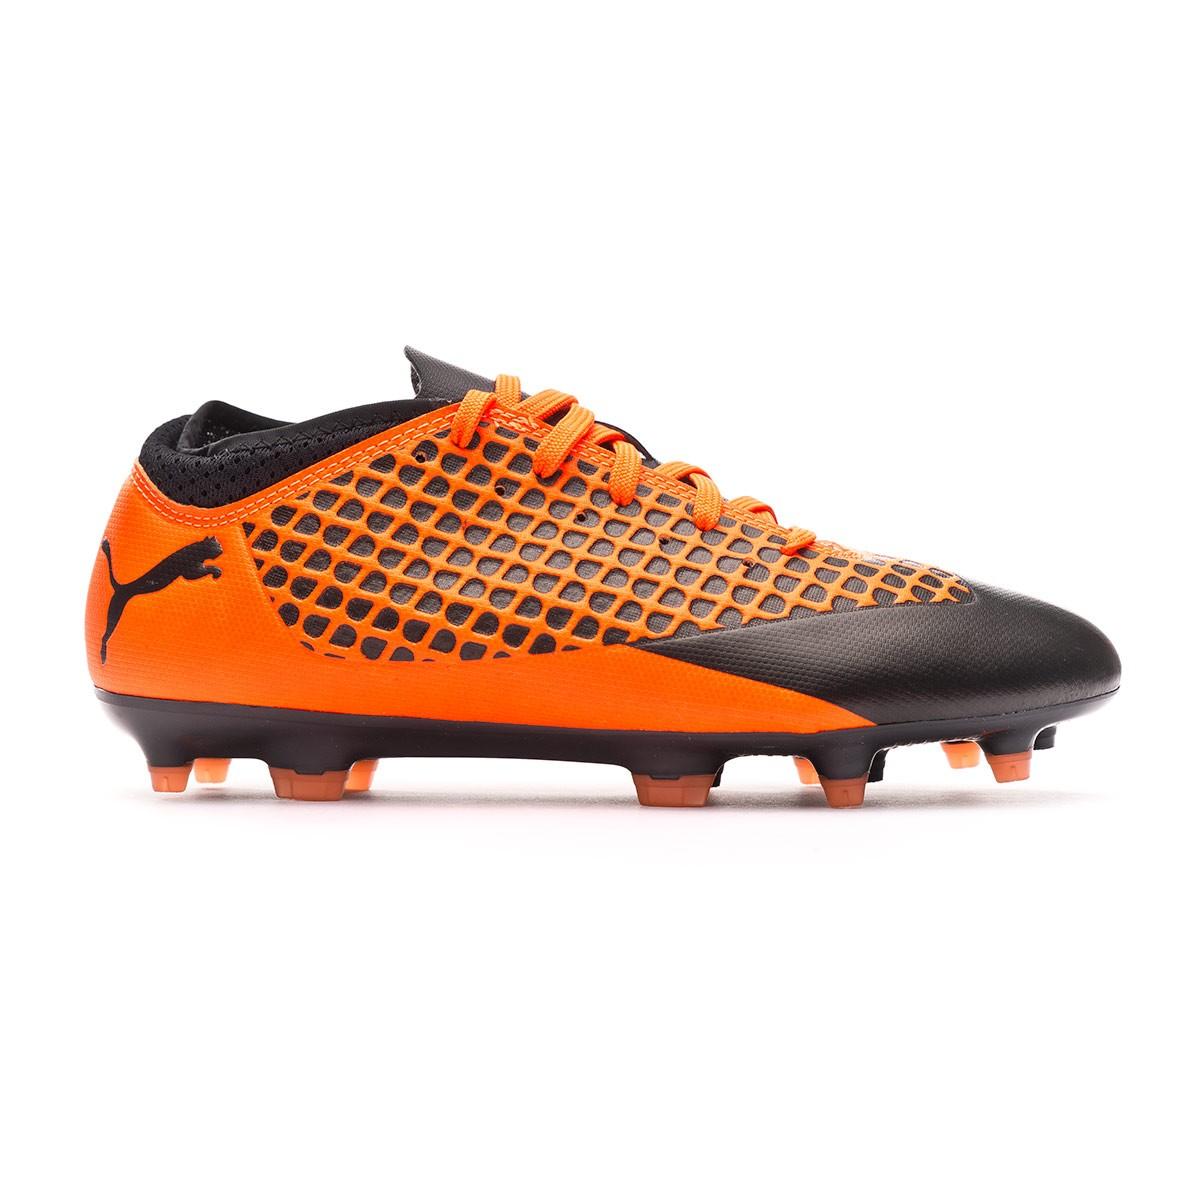 0f7f835ef55ea Bota de fútbol Puma Future 2.4 FG AG Niño Puma black-Shocking orange -  Tienda de fútbol Fútbol Emotion